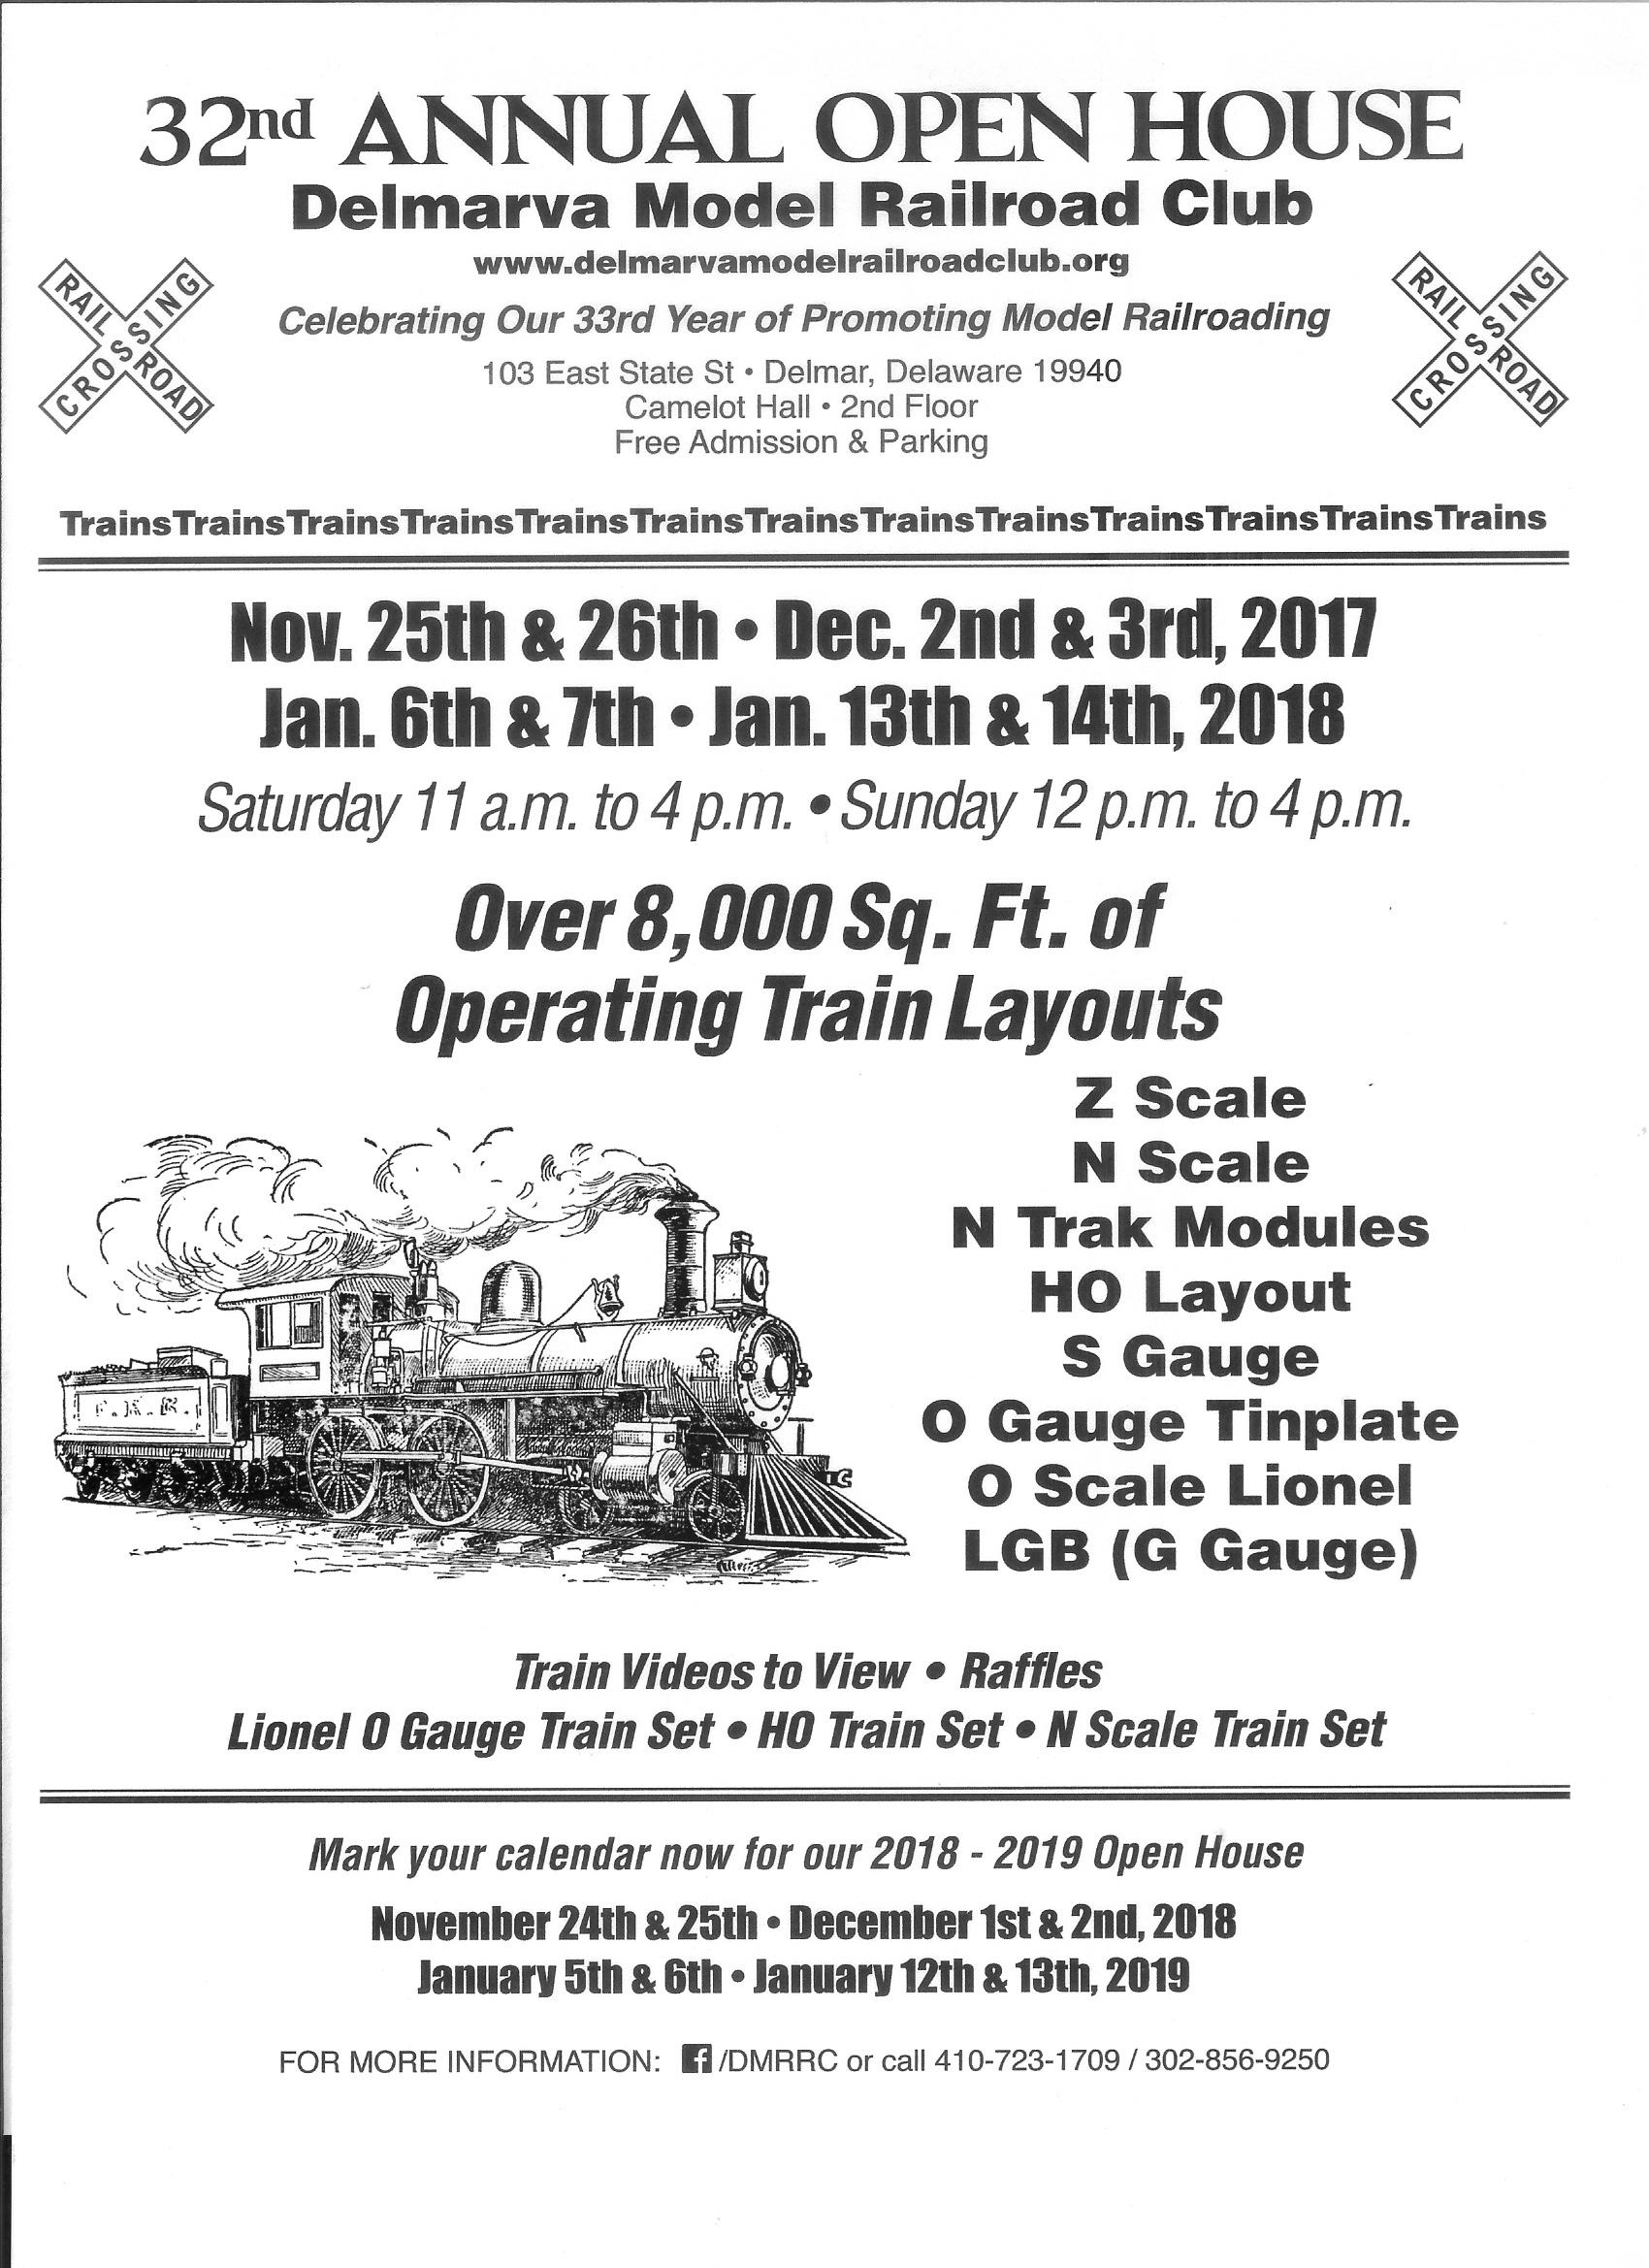 Delmarva Model Railroad Club 32th Annual Holiday Open